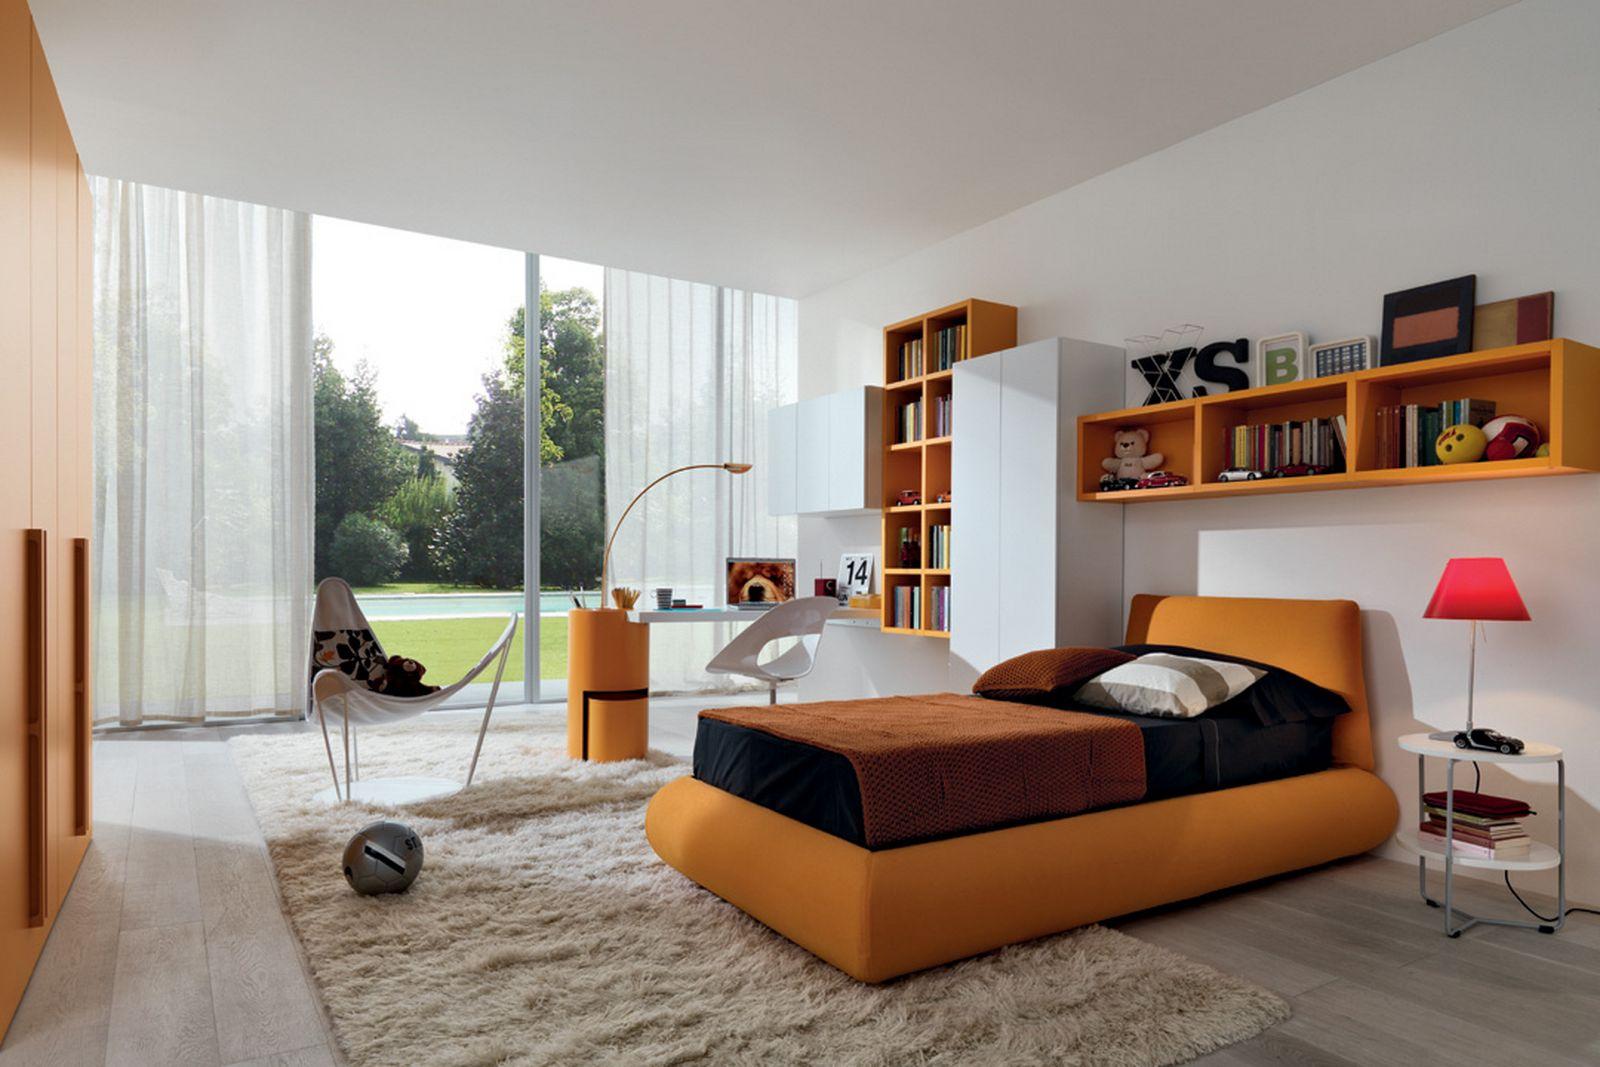 شلف و کتابخانه برای بالای تخت خواب